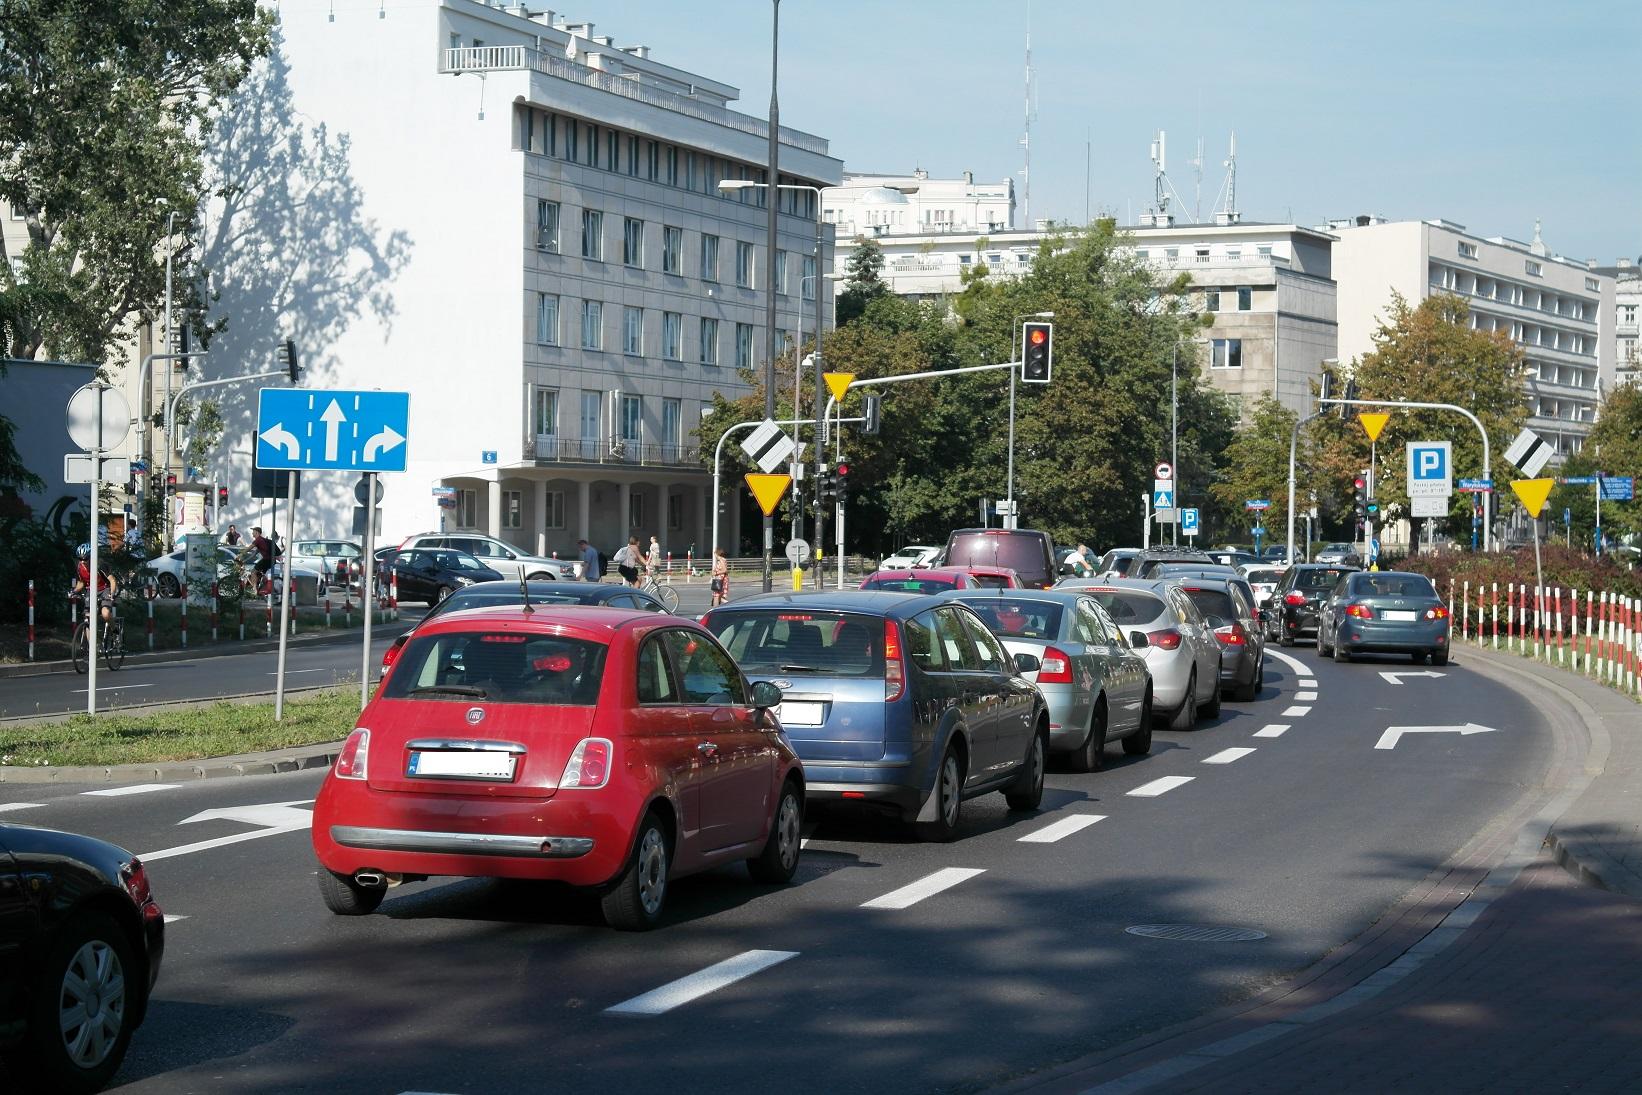 Dziura bezpieczeństwa w ABW. Fundusz informuje, które pojazdy są służbowe